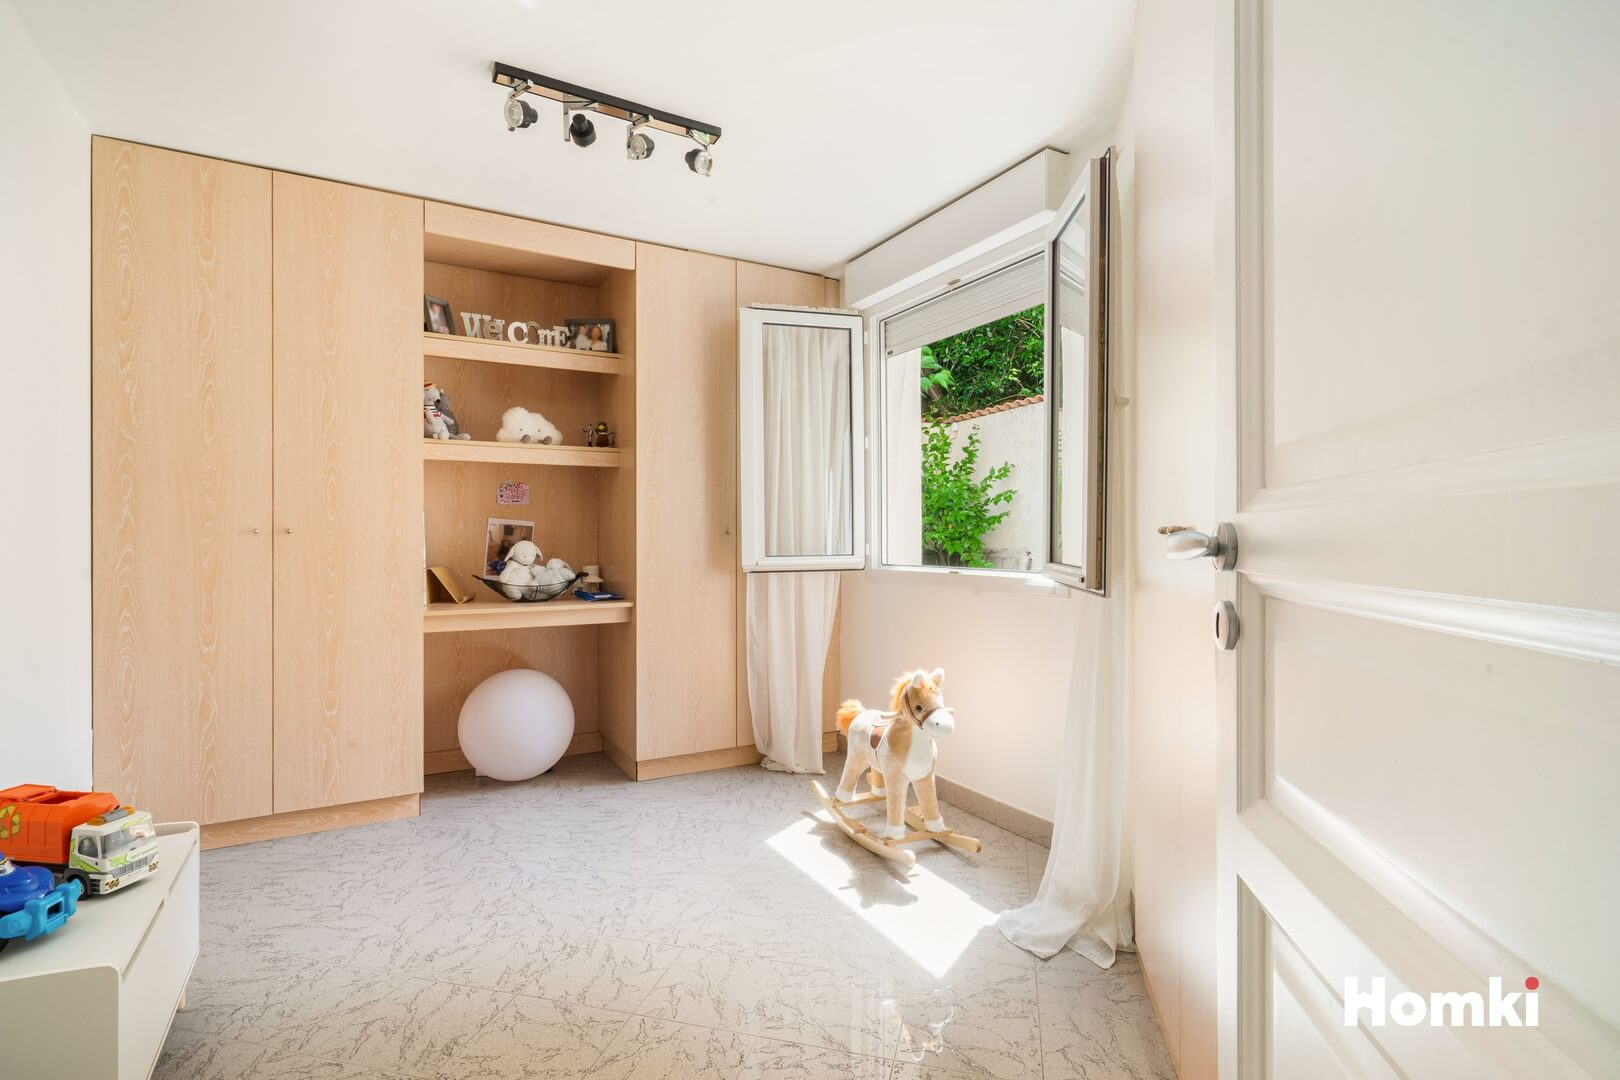 Homki - Vente Maison/villa  de 130.0 m² à Marseille 13008